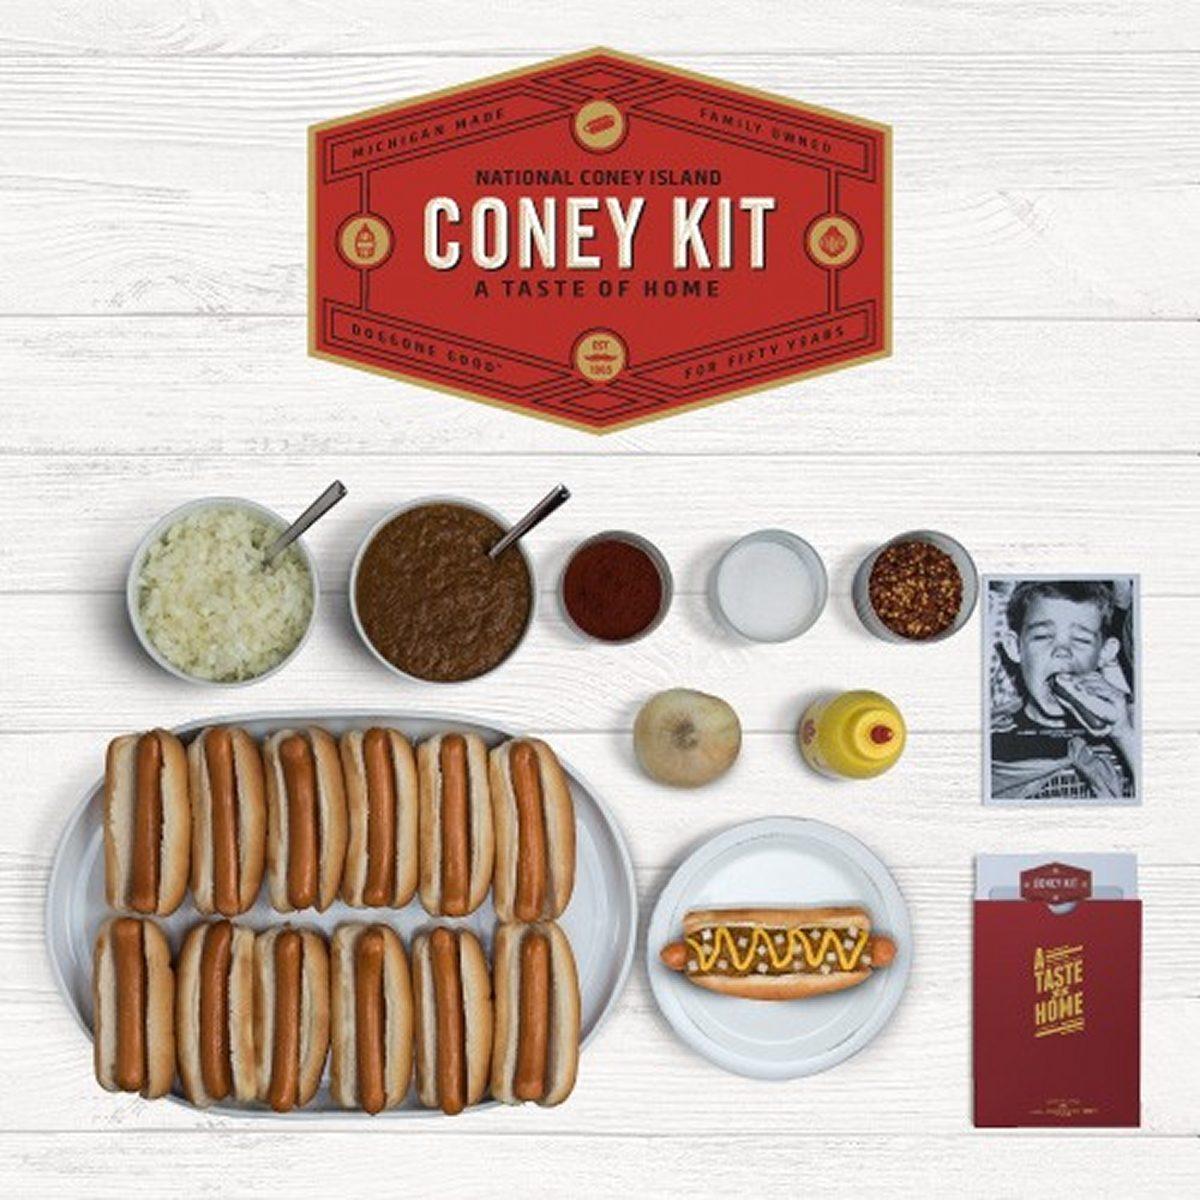 coney kit